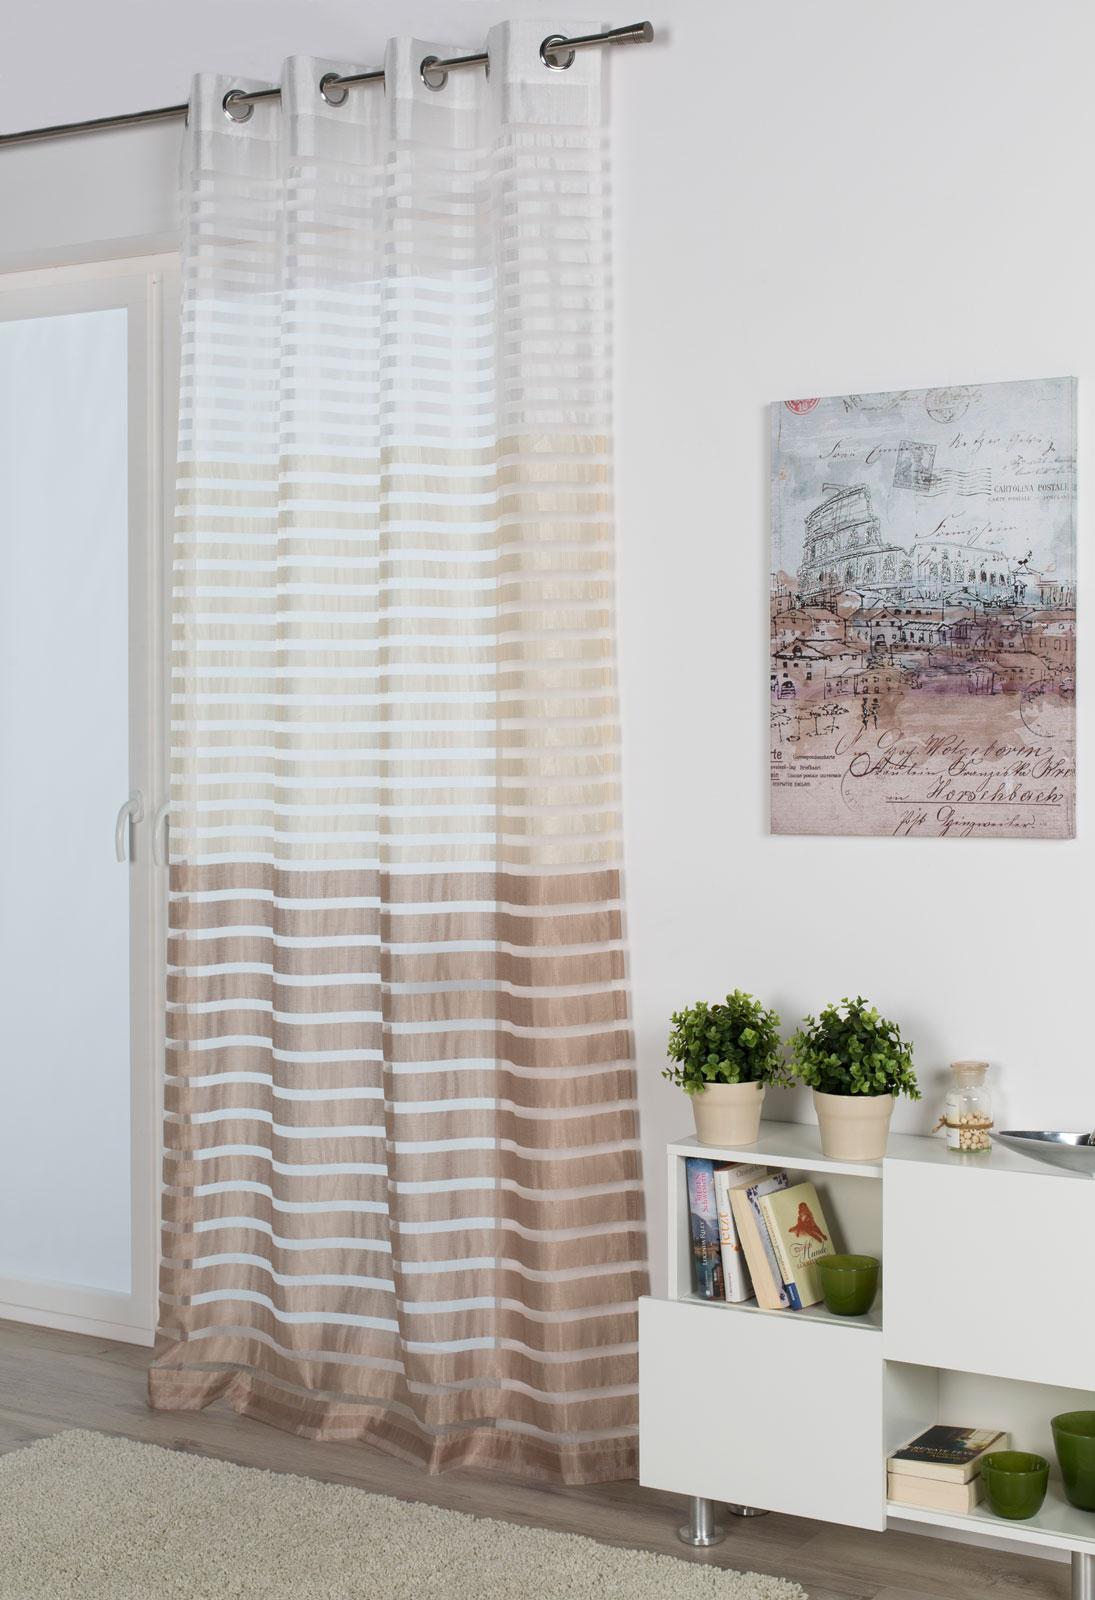 Gardinen und Vorhänge - Ösenschal Vorhang Gardine 135x245 Steffi stone  - Onlineshop PremiumShop321